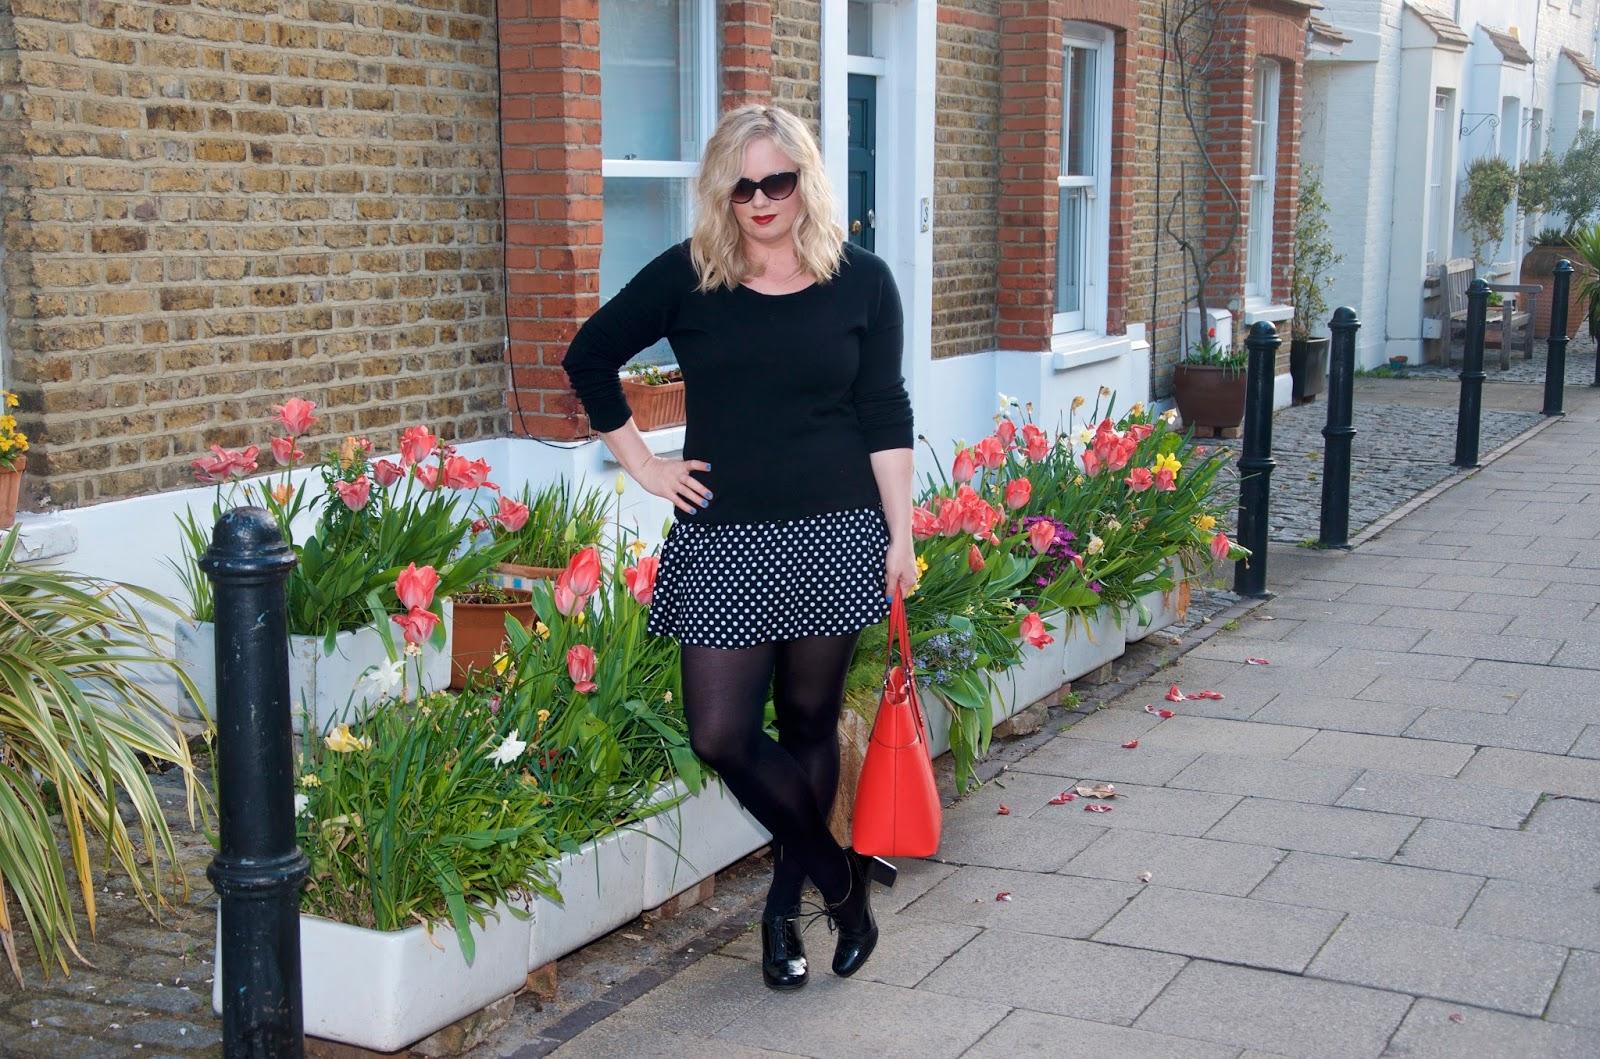 polka dot skirt and tulips